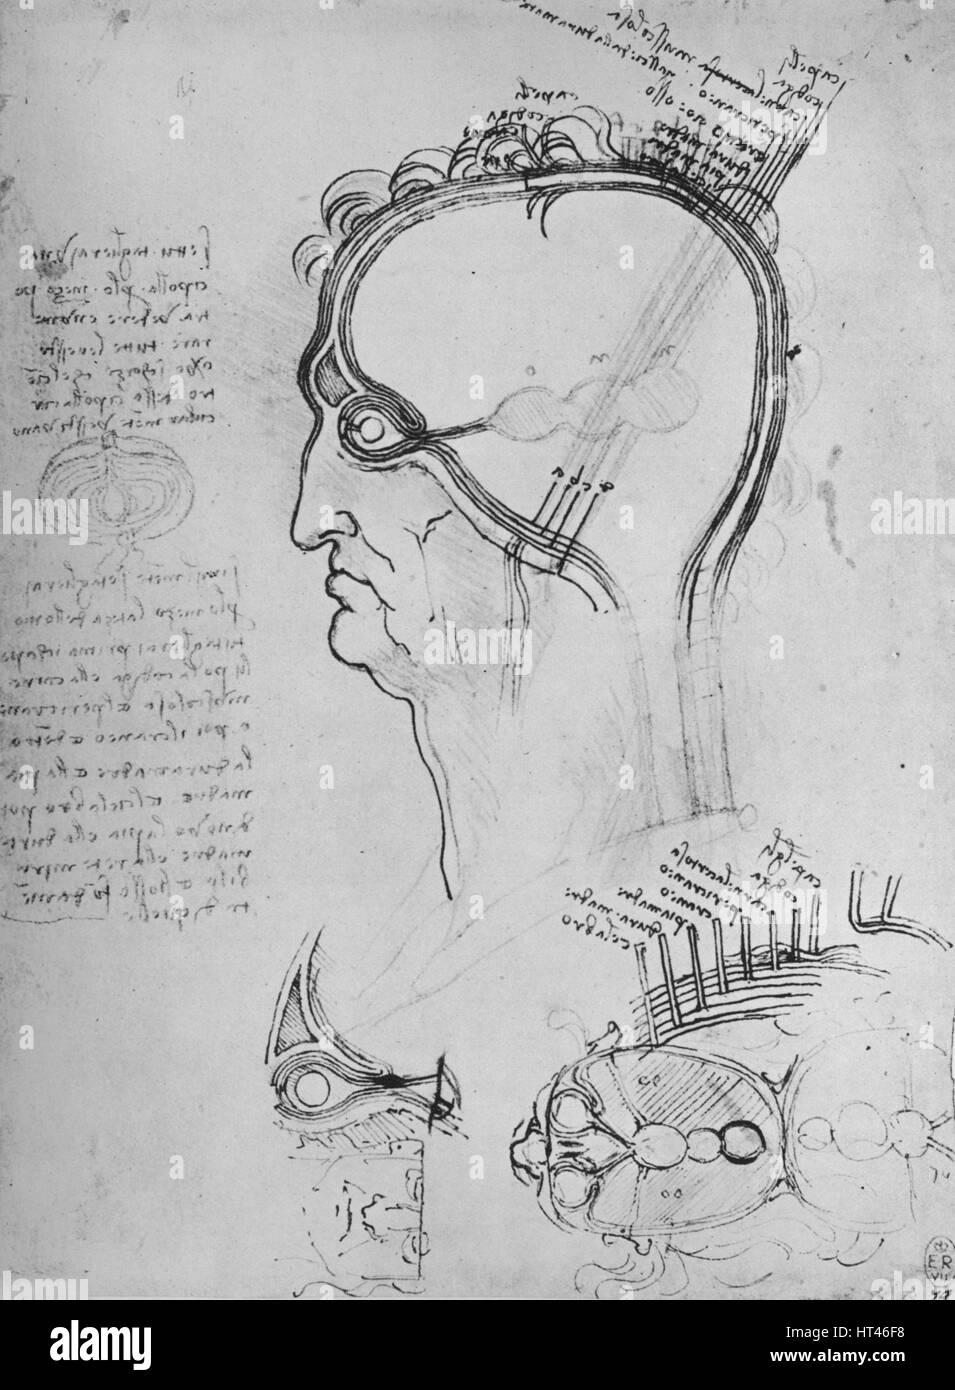 Teil eines Mannes Kopf zeigt die Anatomie des Auges, Etc.\